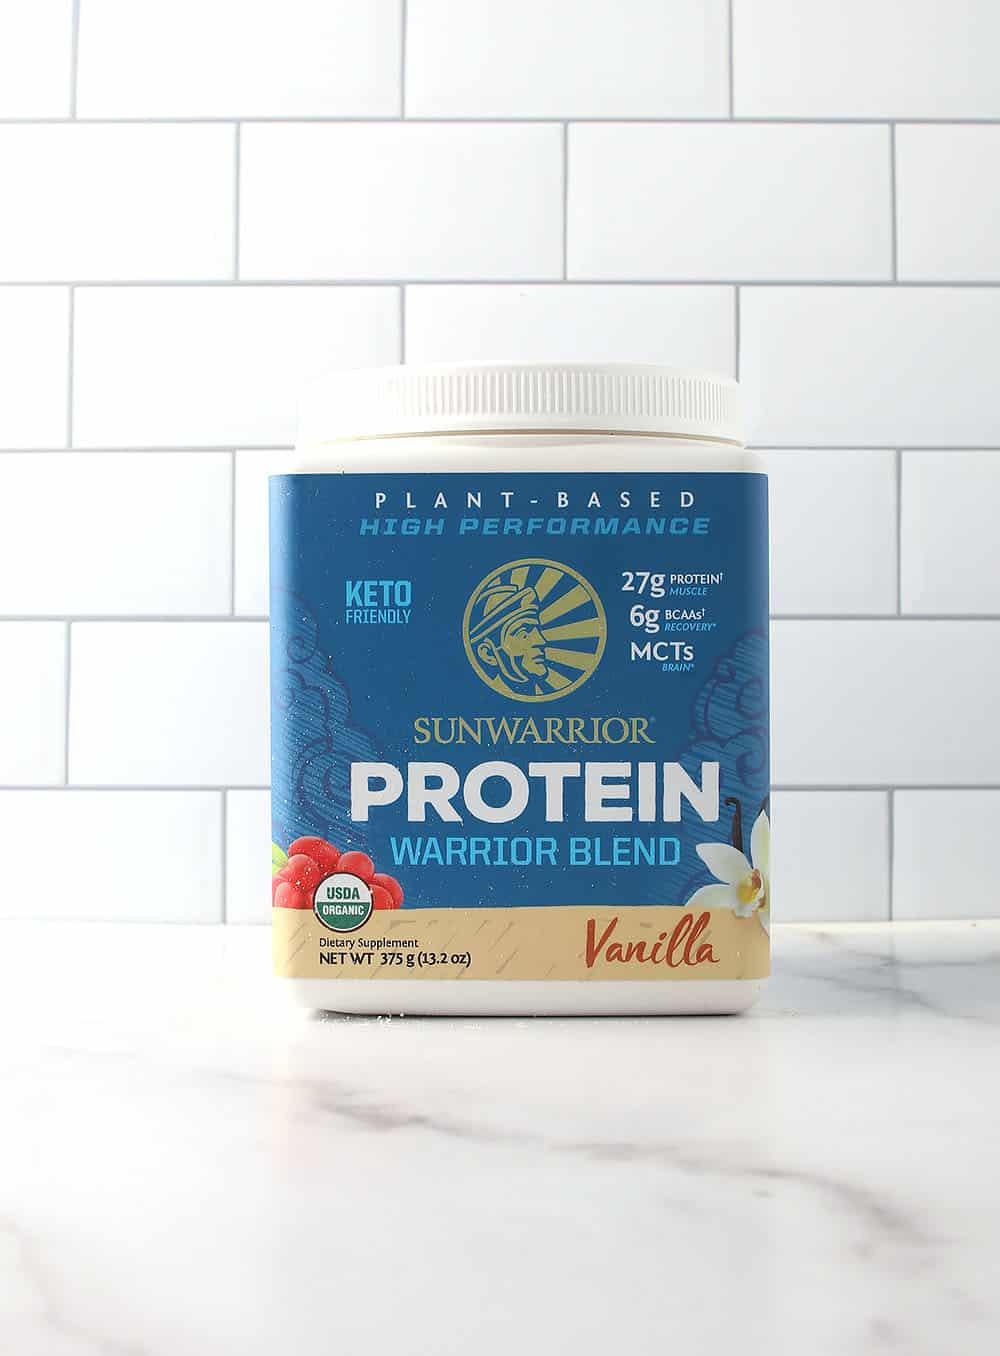 Sunwarrior Vanilla Protein Powder